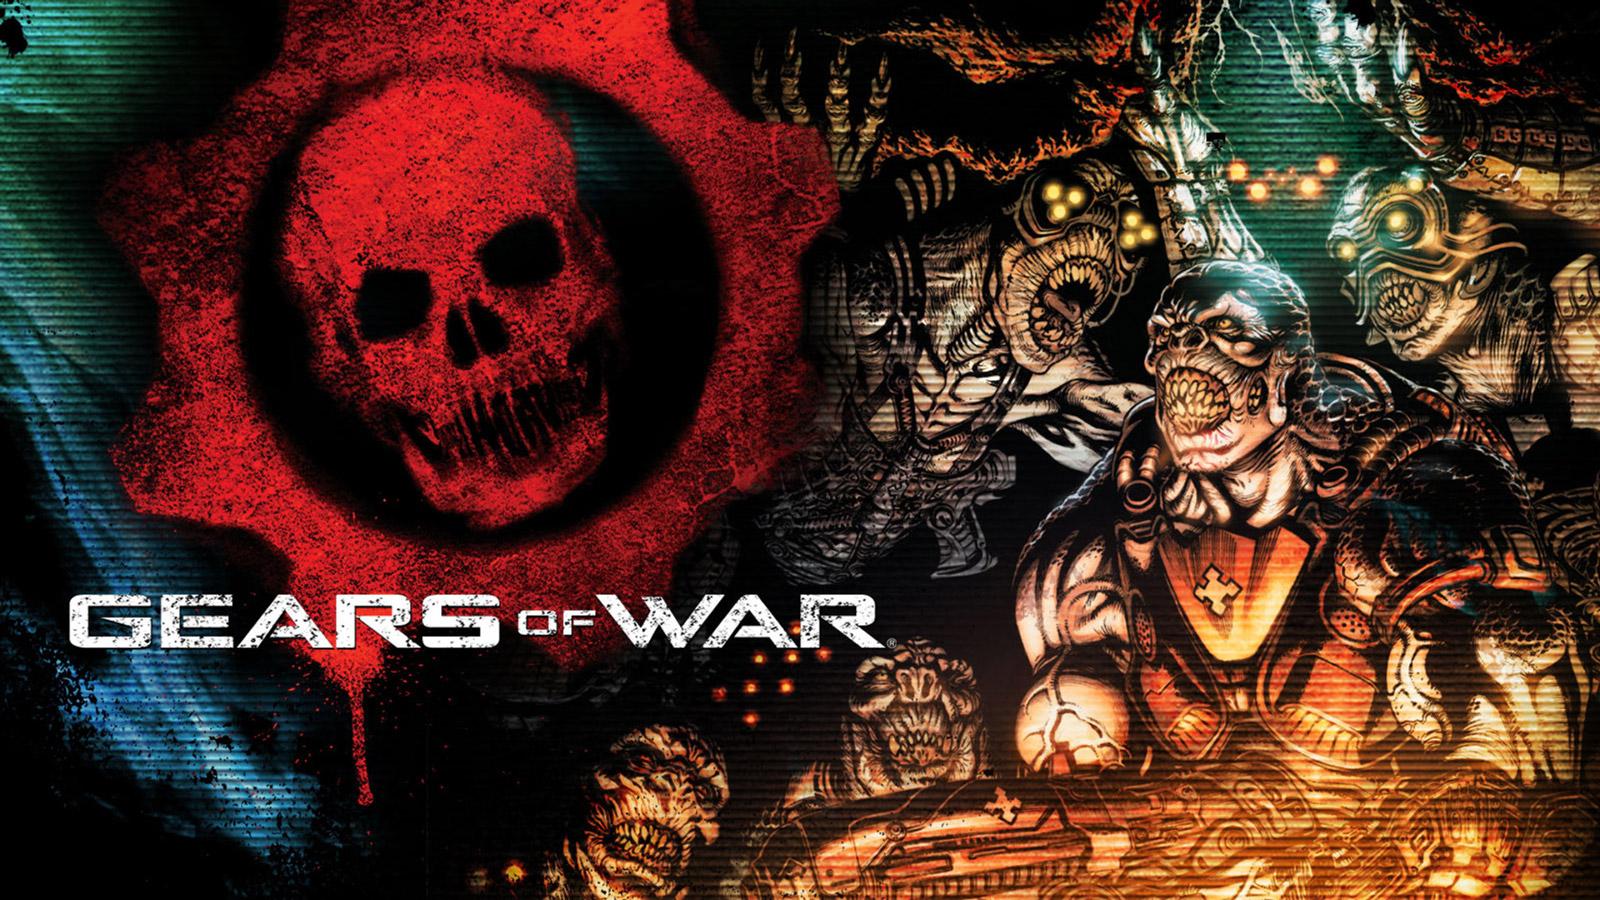 Gears of War Wallpaper in 1600x900